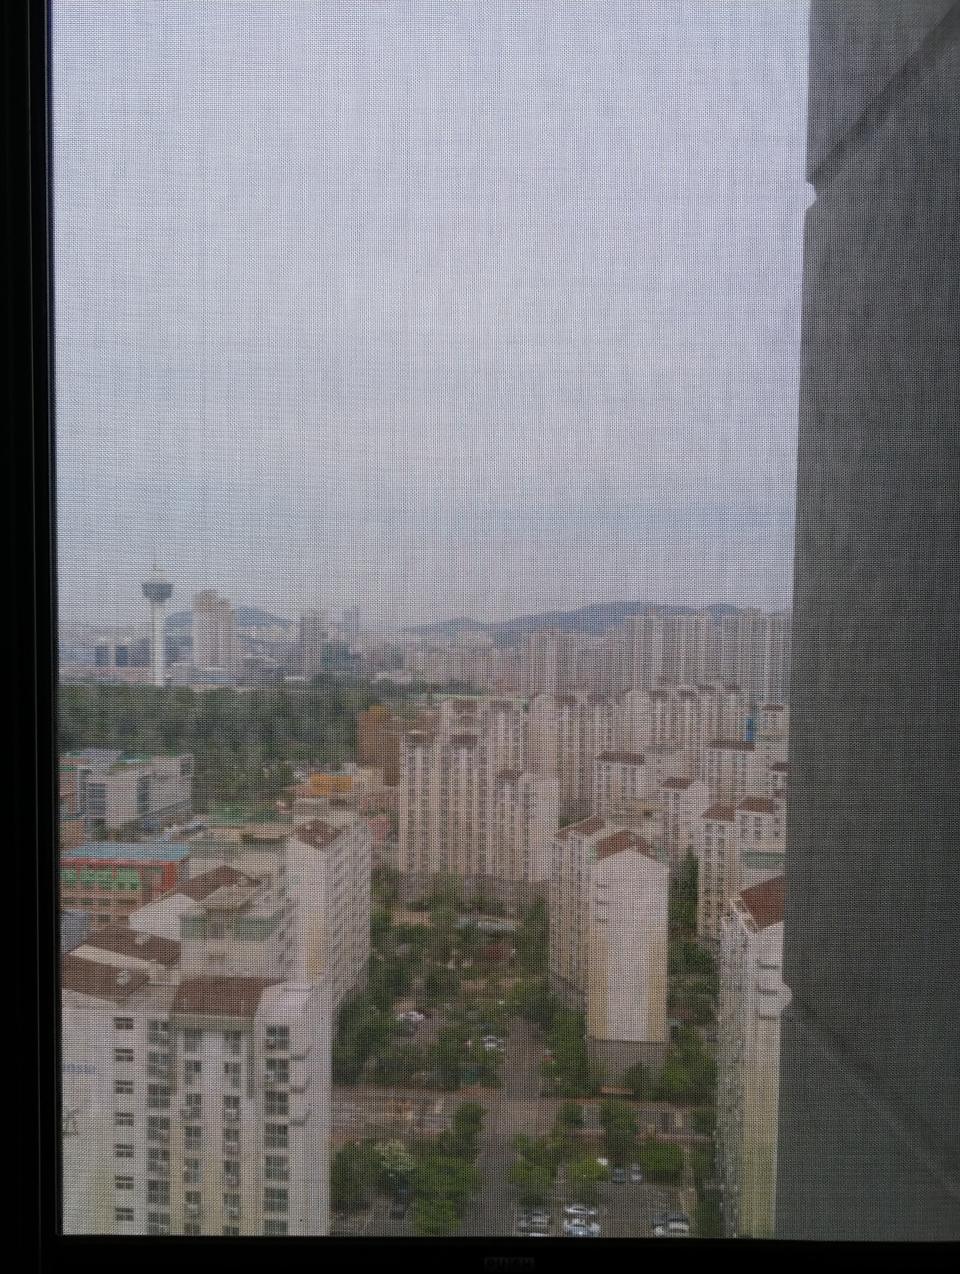 인천논현동-에코메트로-미세먼지-방진망